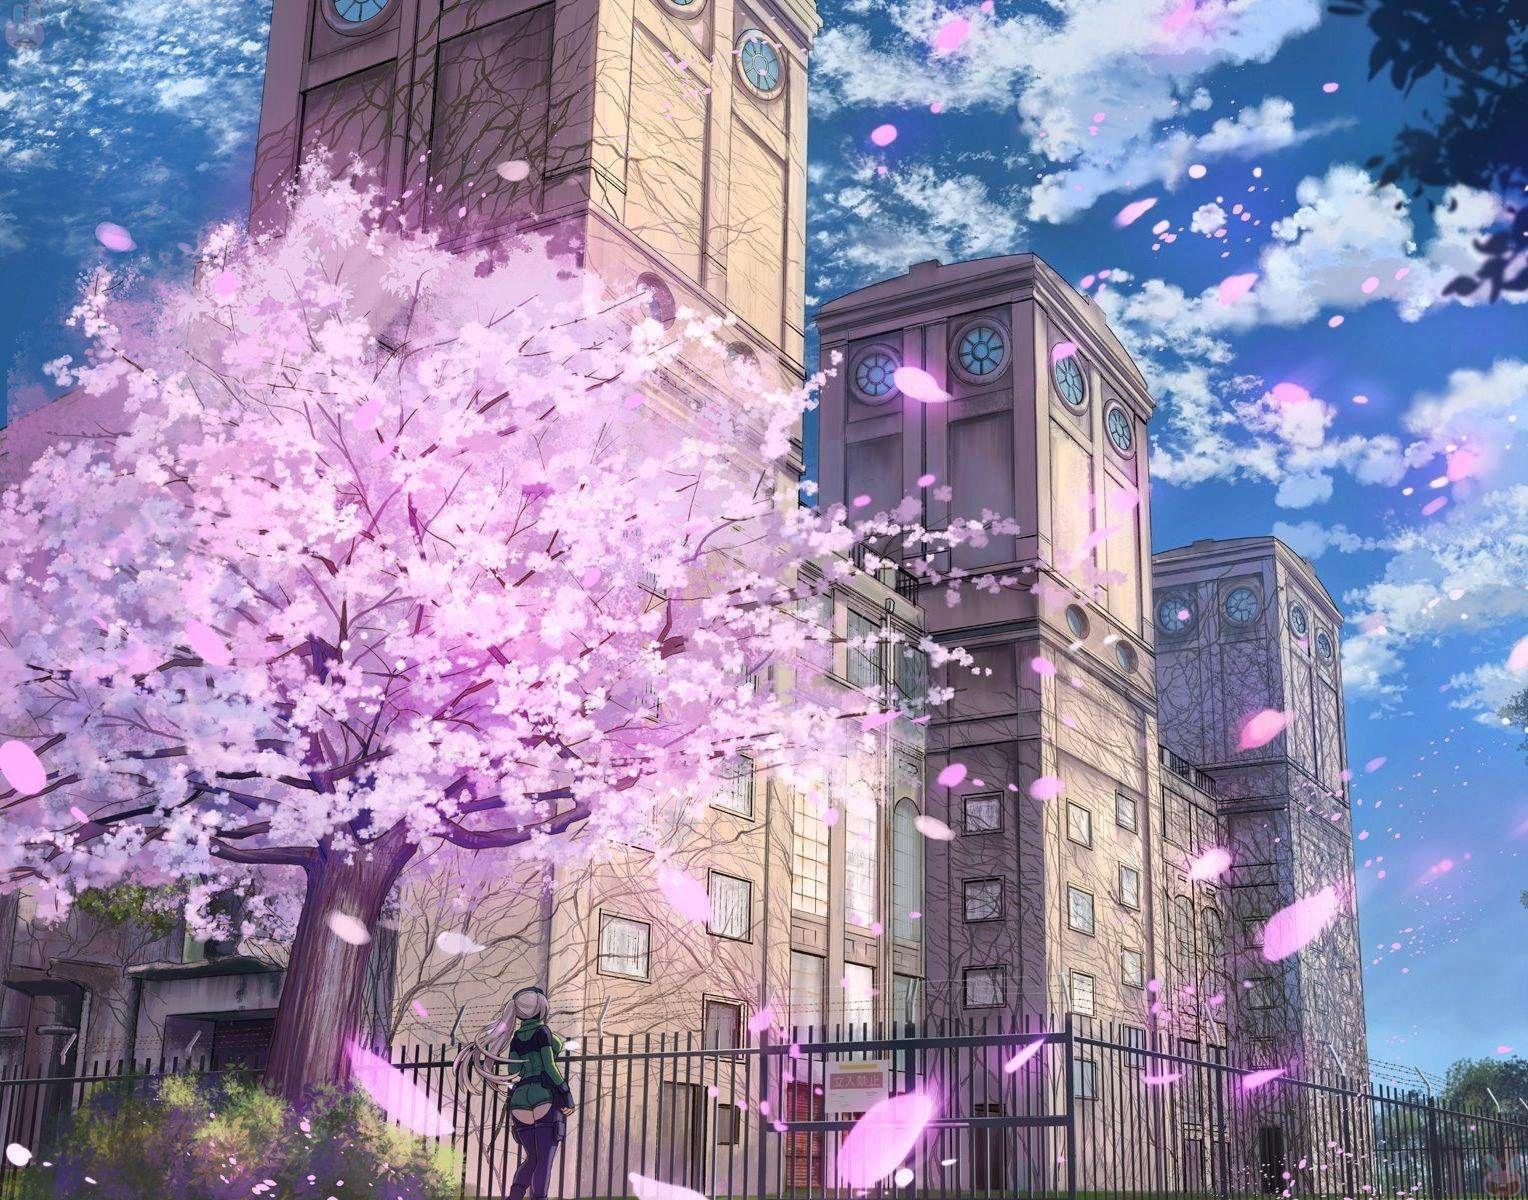 Ảnh hoa anh đào anime rụng